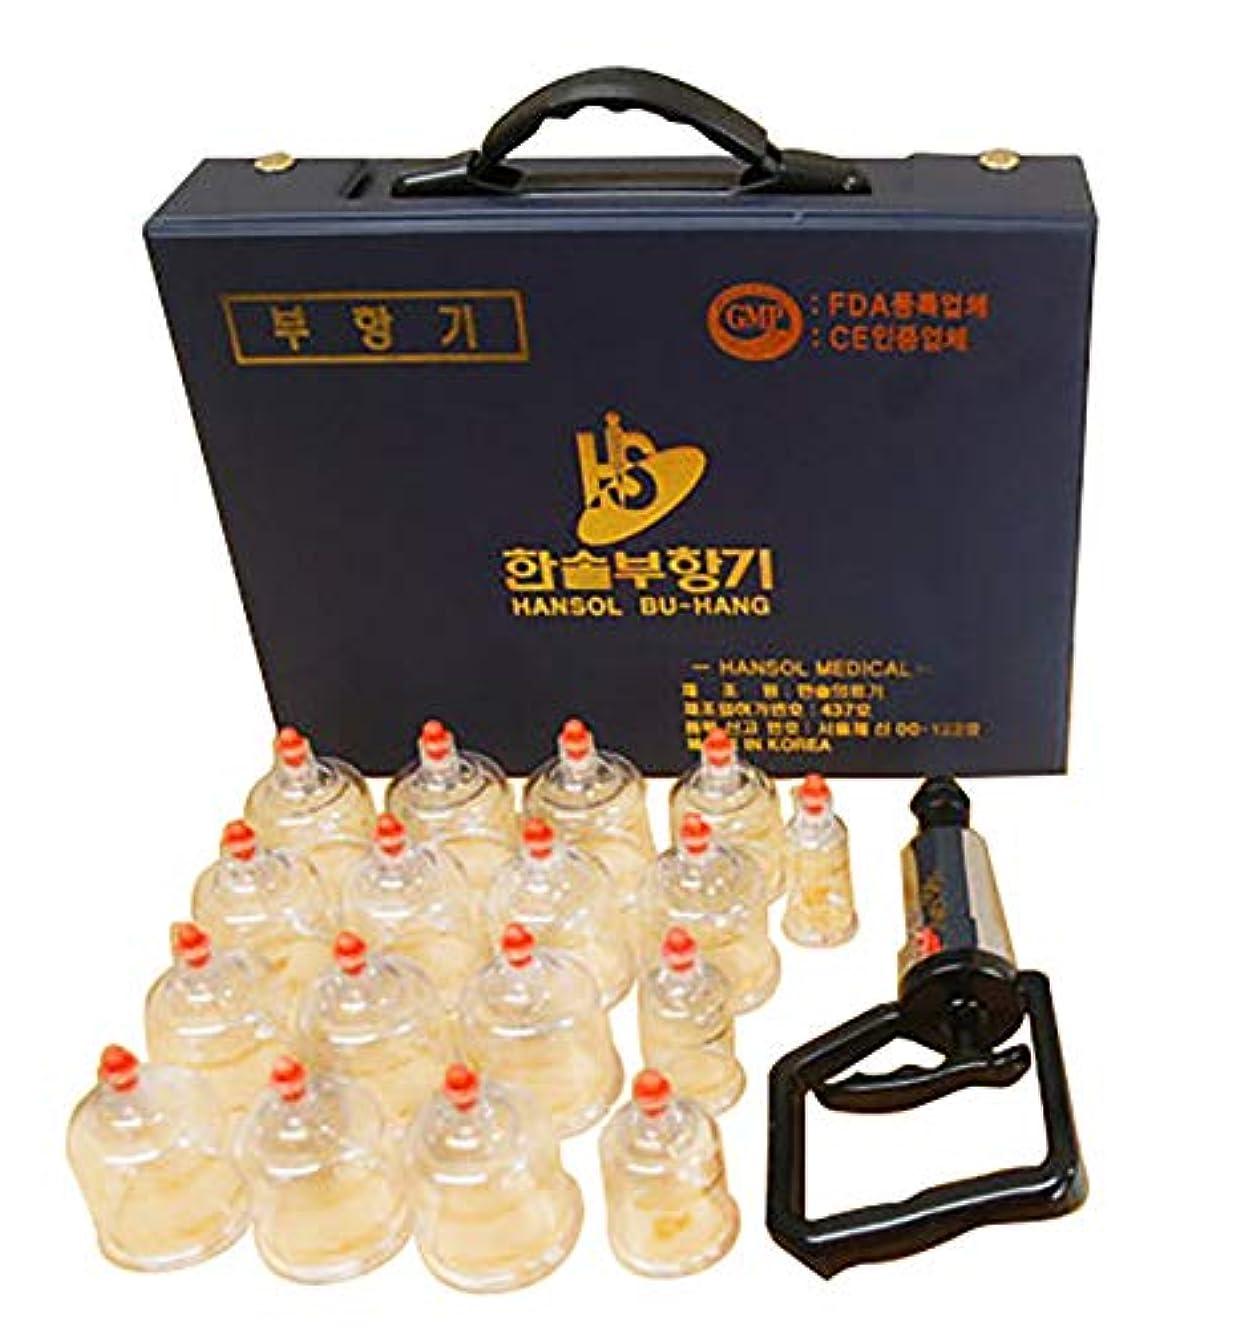 適応配る冗談で中国四千年の健康法「吸玉」がご家庭で手軽にできる!ハンソルメディカル ブハン カッピングカップ17個セット